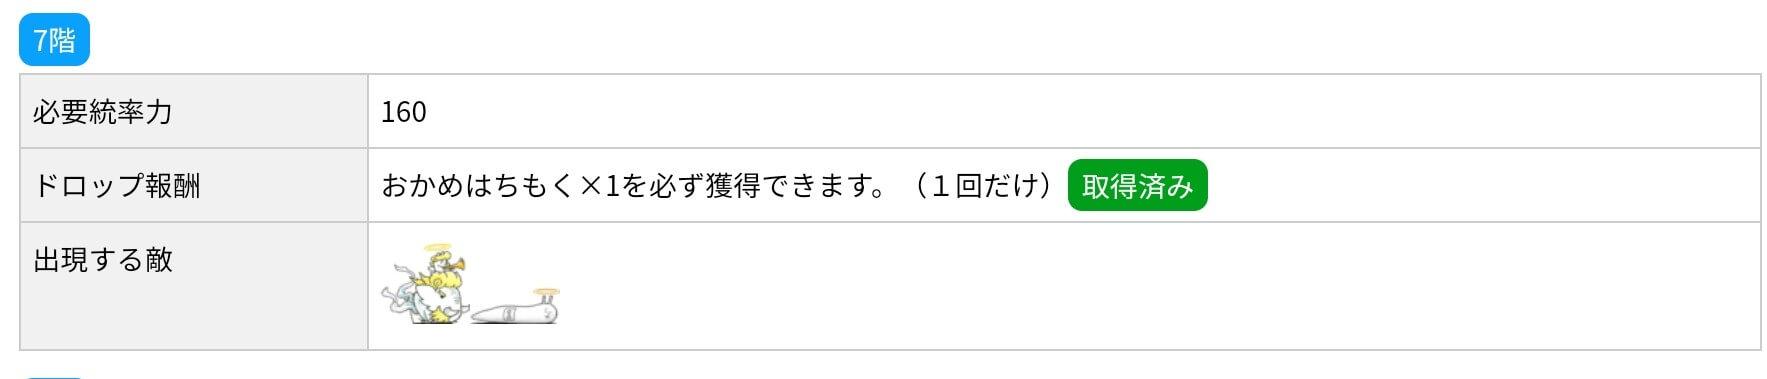 にゃんこ別塔(天)7階 敵編成